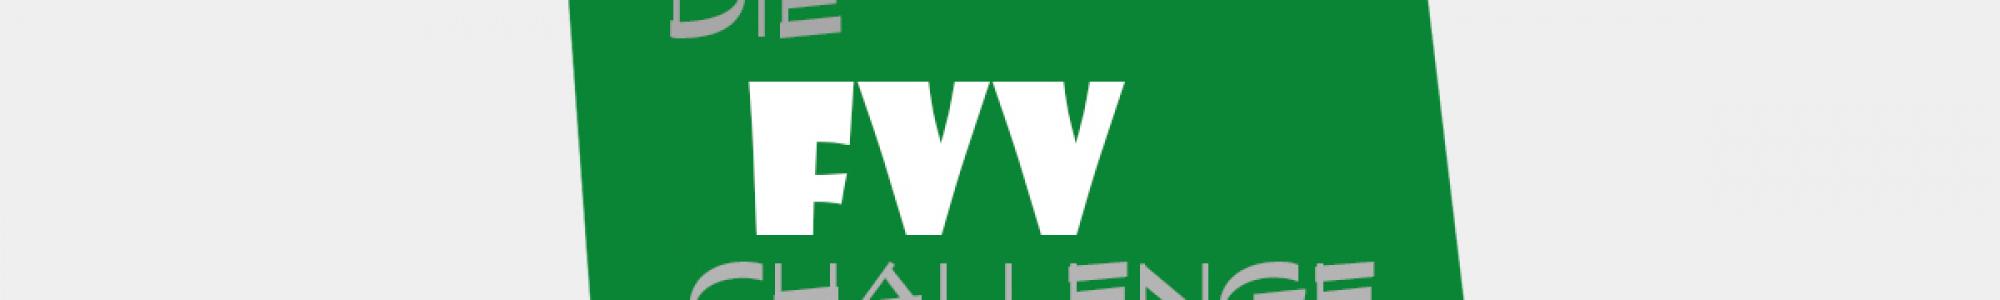 FVV Challenge_Masken